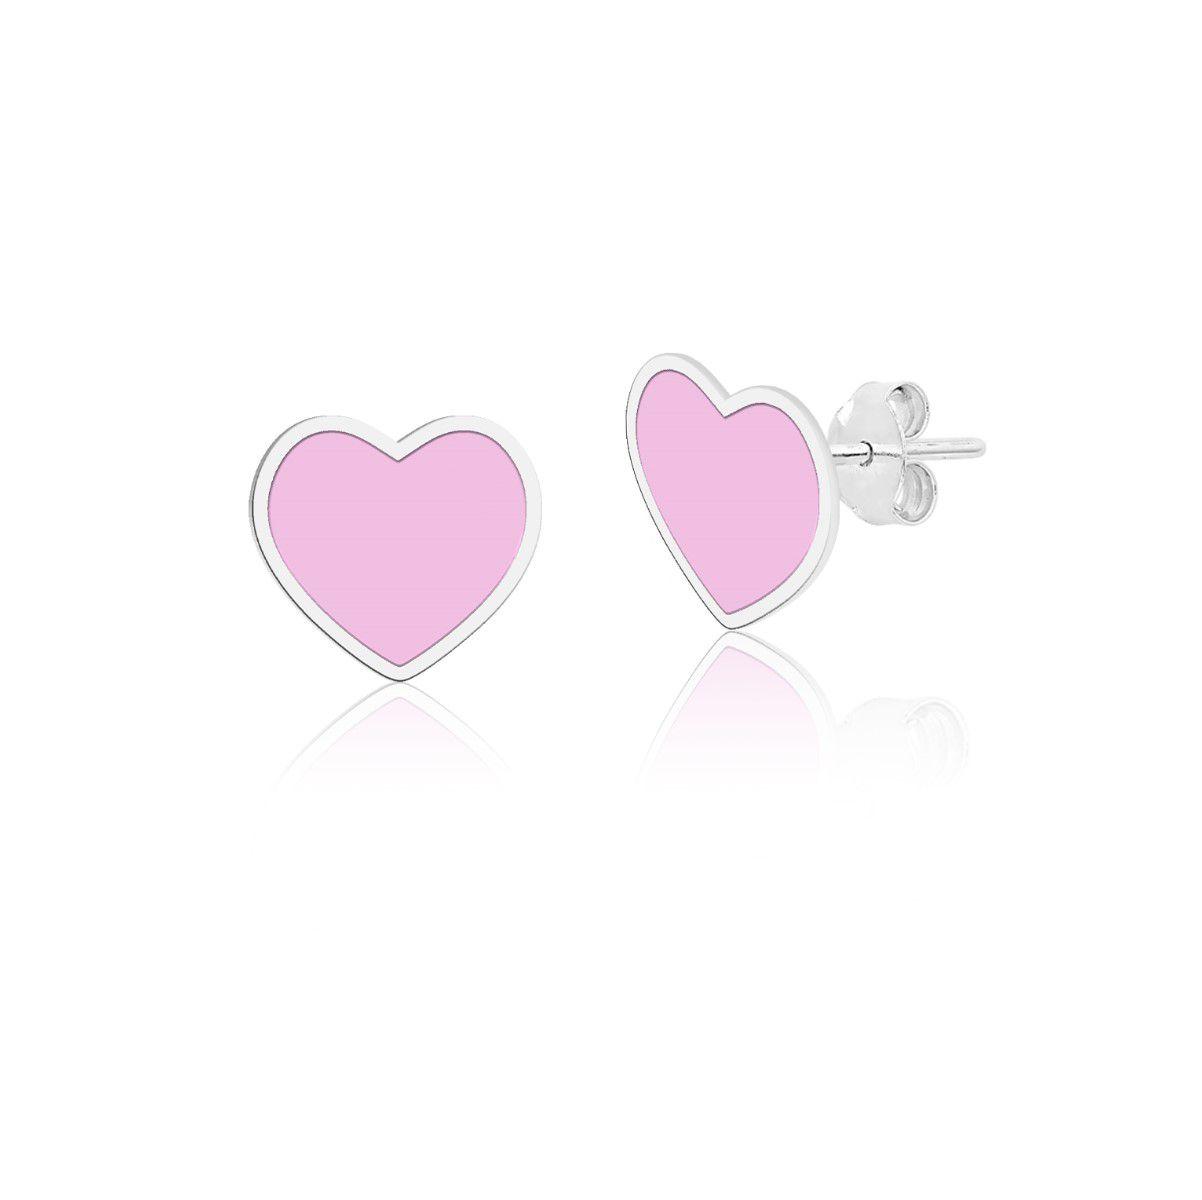 Brinco Coração Rosa Esmaltado 7 MM